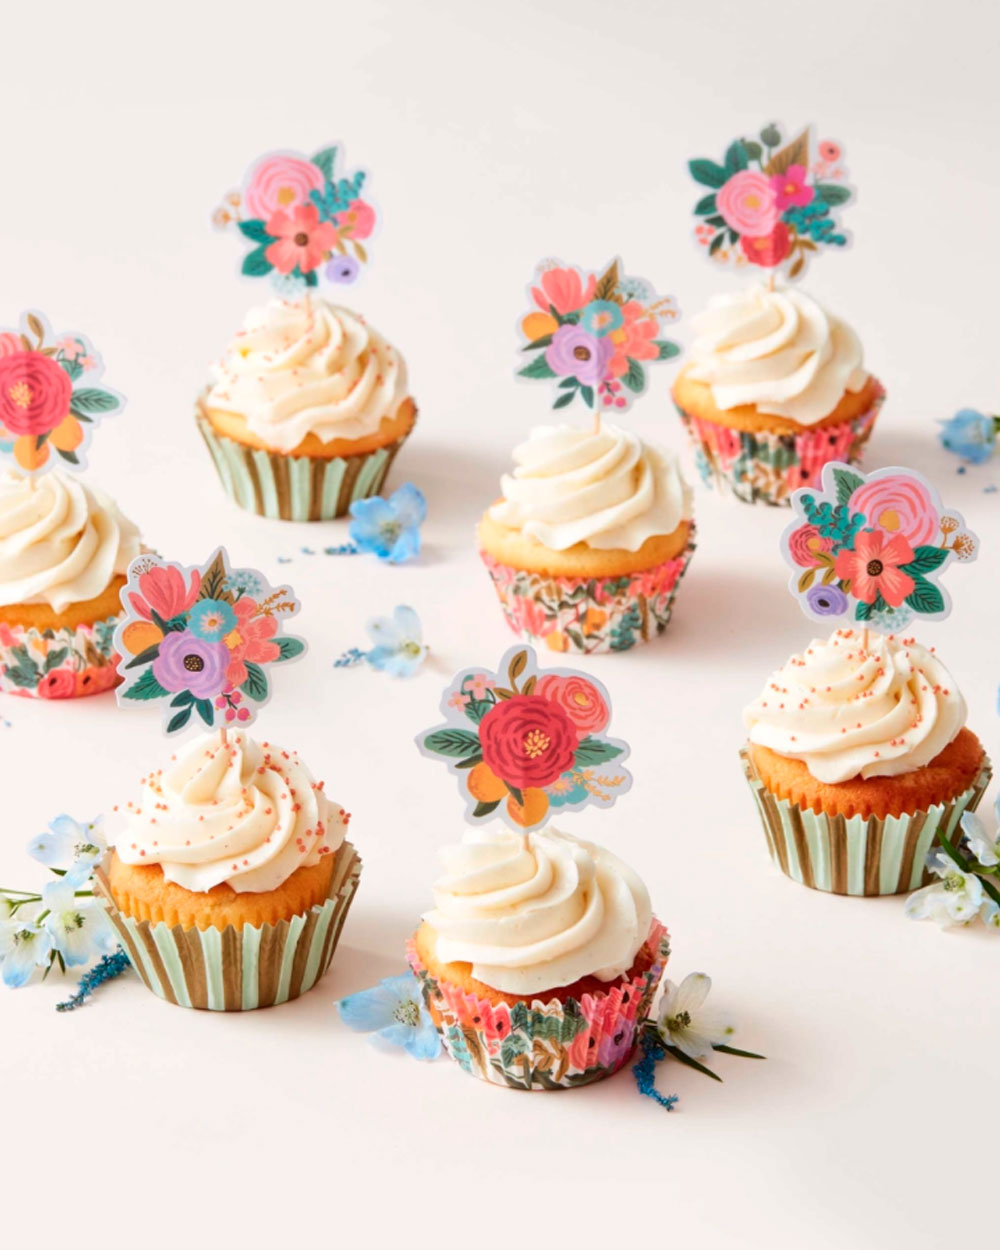 Kukkakuvioidut koristeet muffinssien päällä